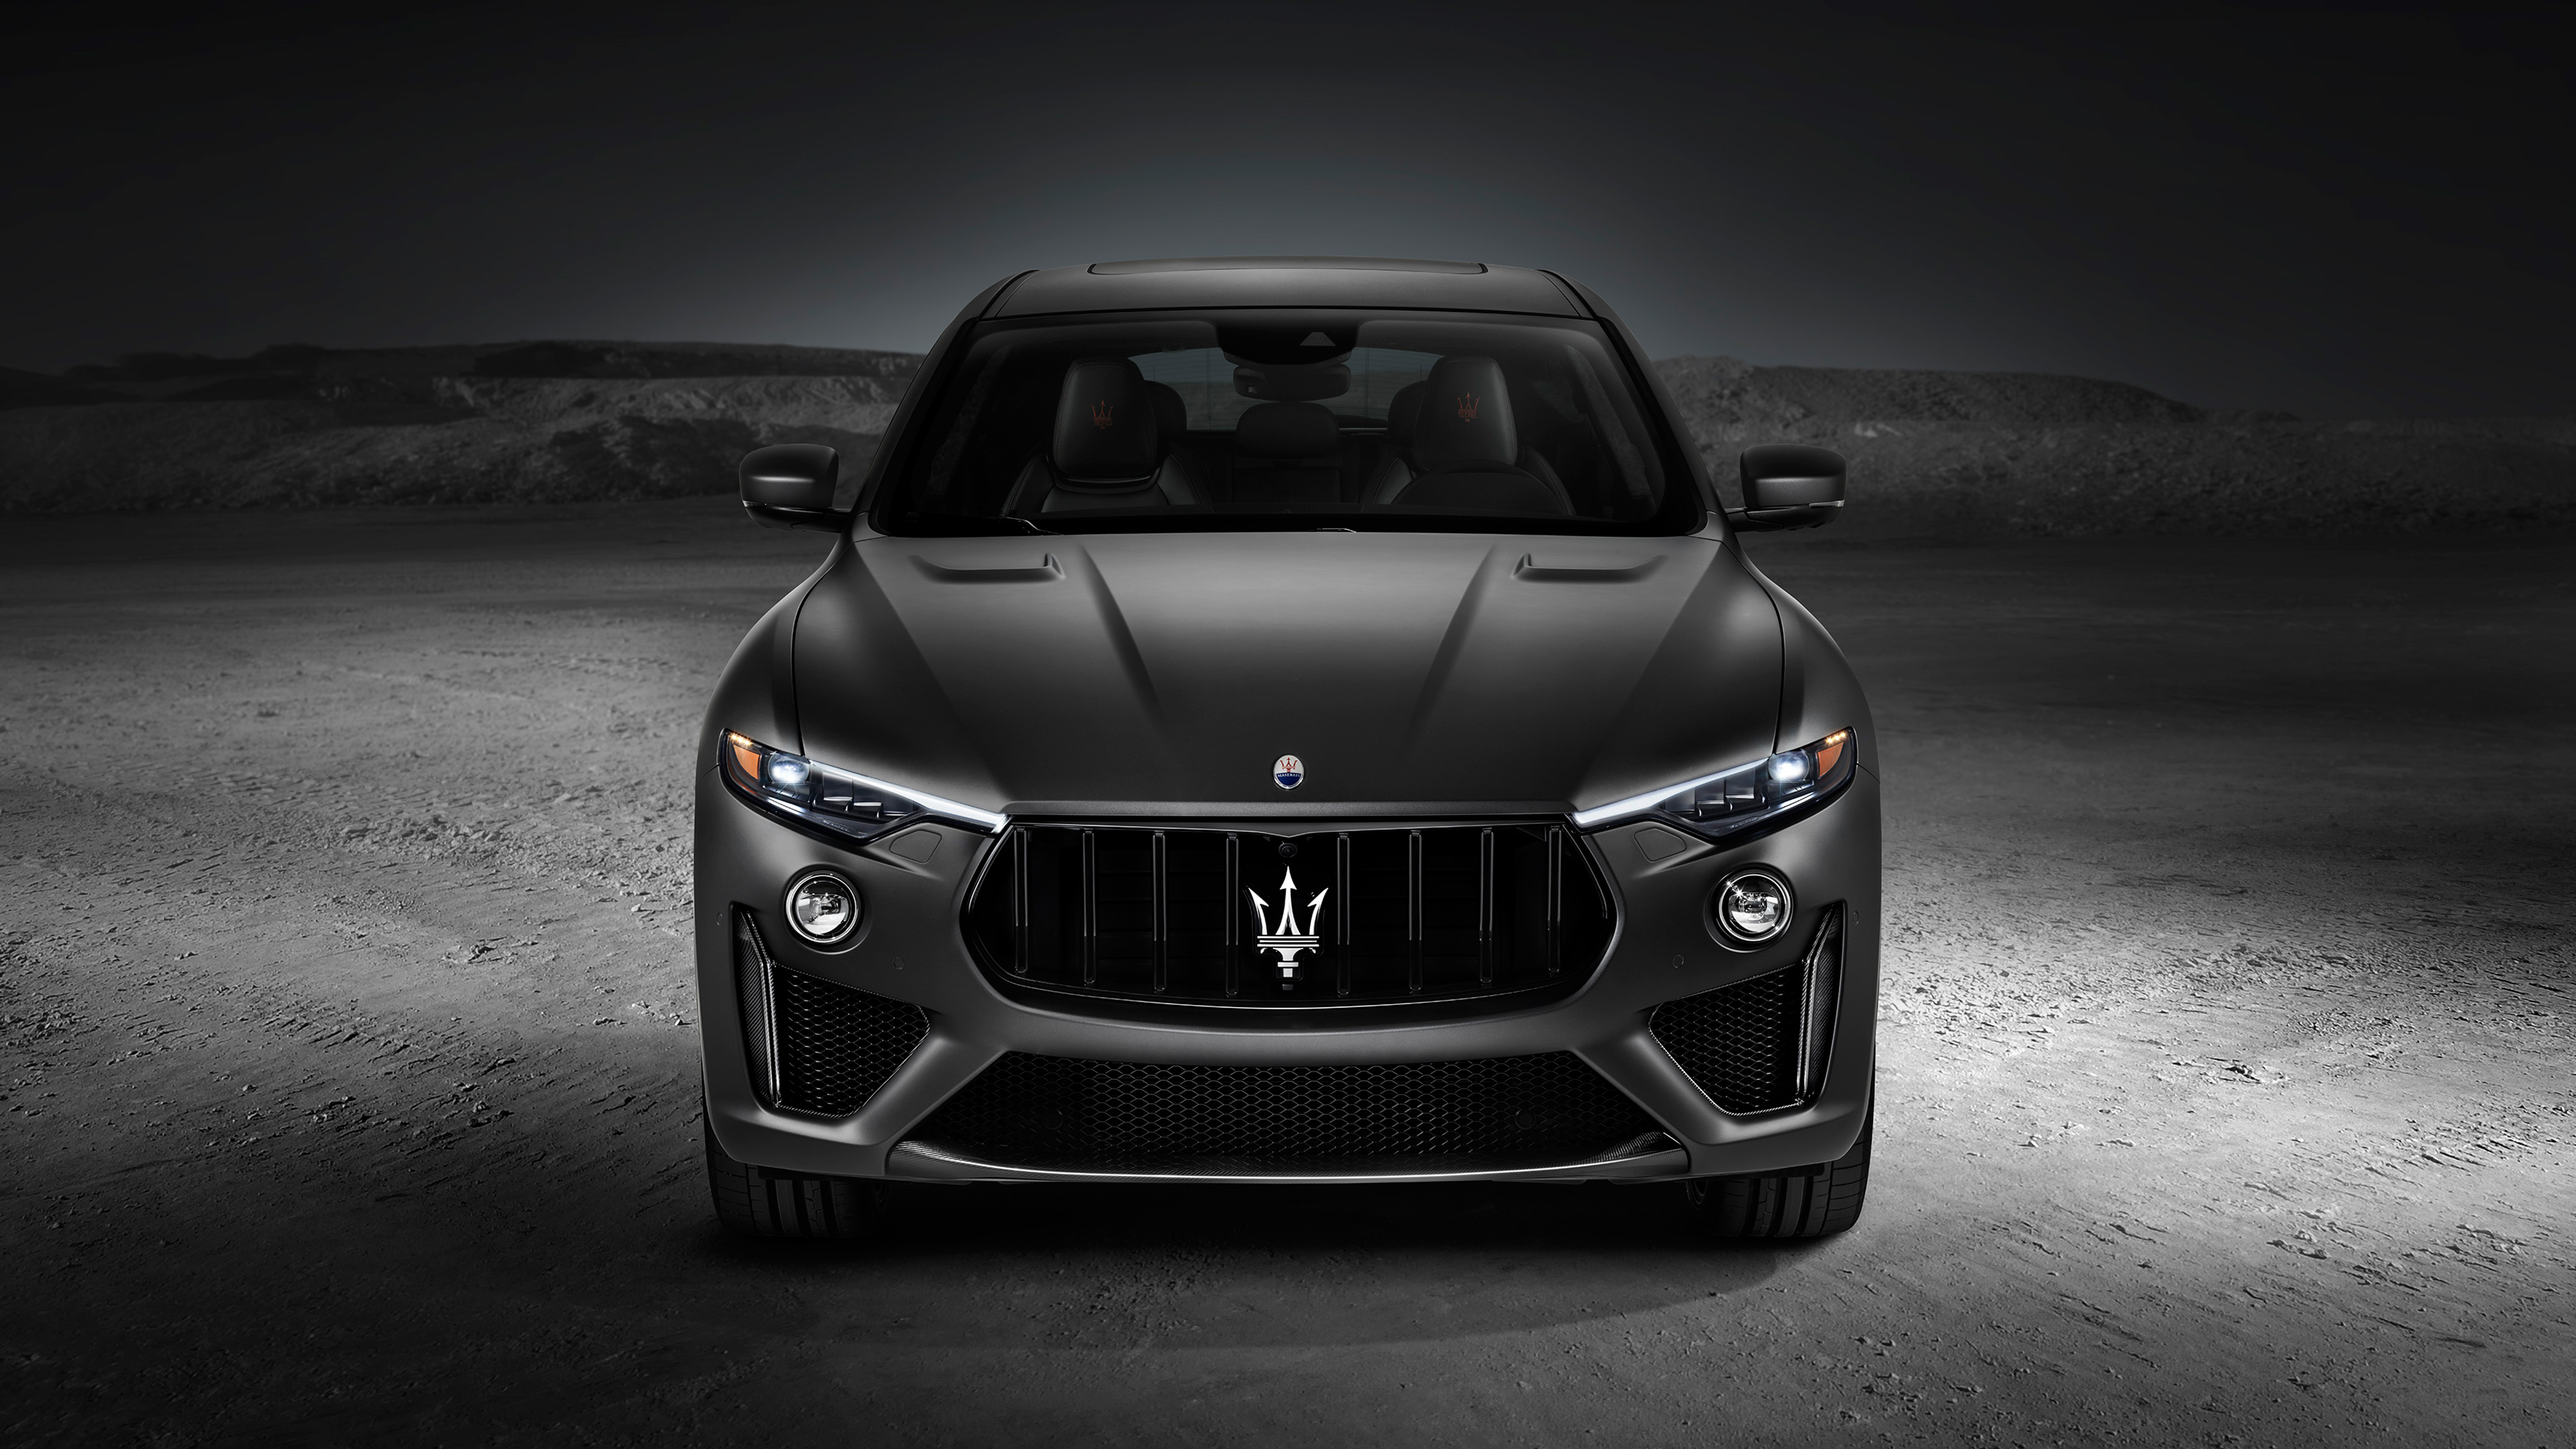 Black Car Car Luxury Car Maserati Levante Trofeo Wallpaper Resolution 3840x2160 Id 1047374 Wallha Com